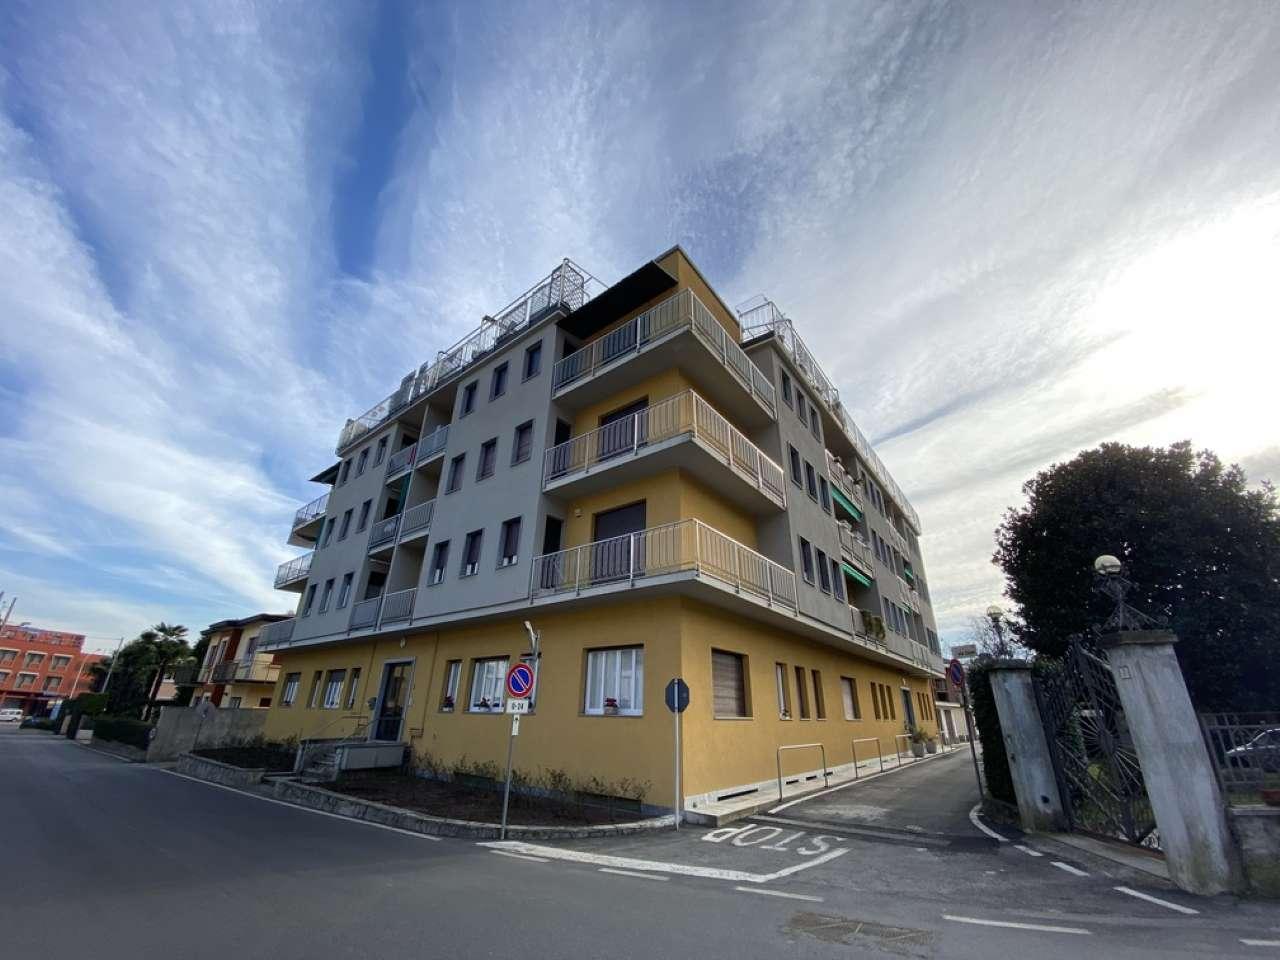 Appartamento in vendita a Lesa, 3 locali, prezzo € 110.000 | PortaleAgenzieImmobiliari.it